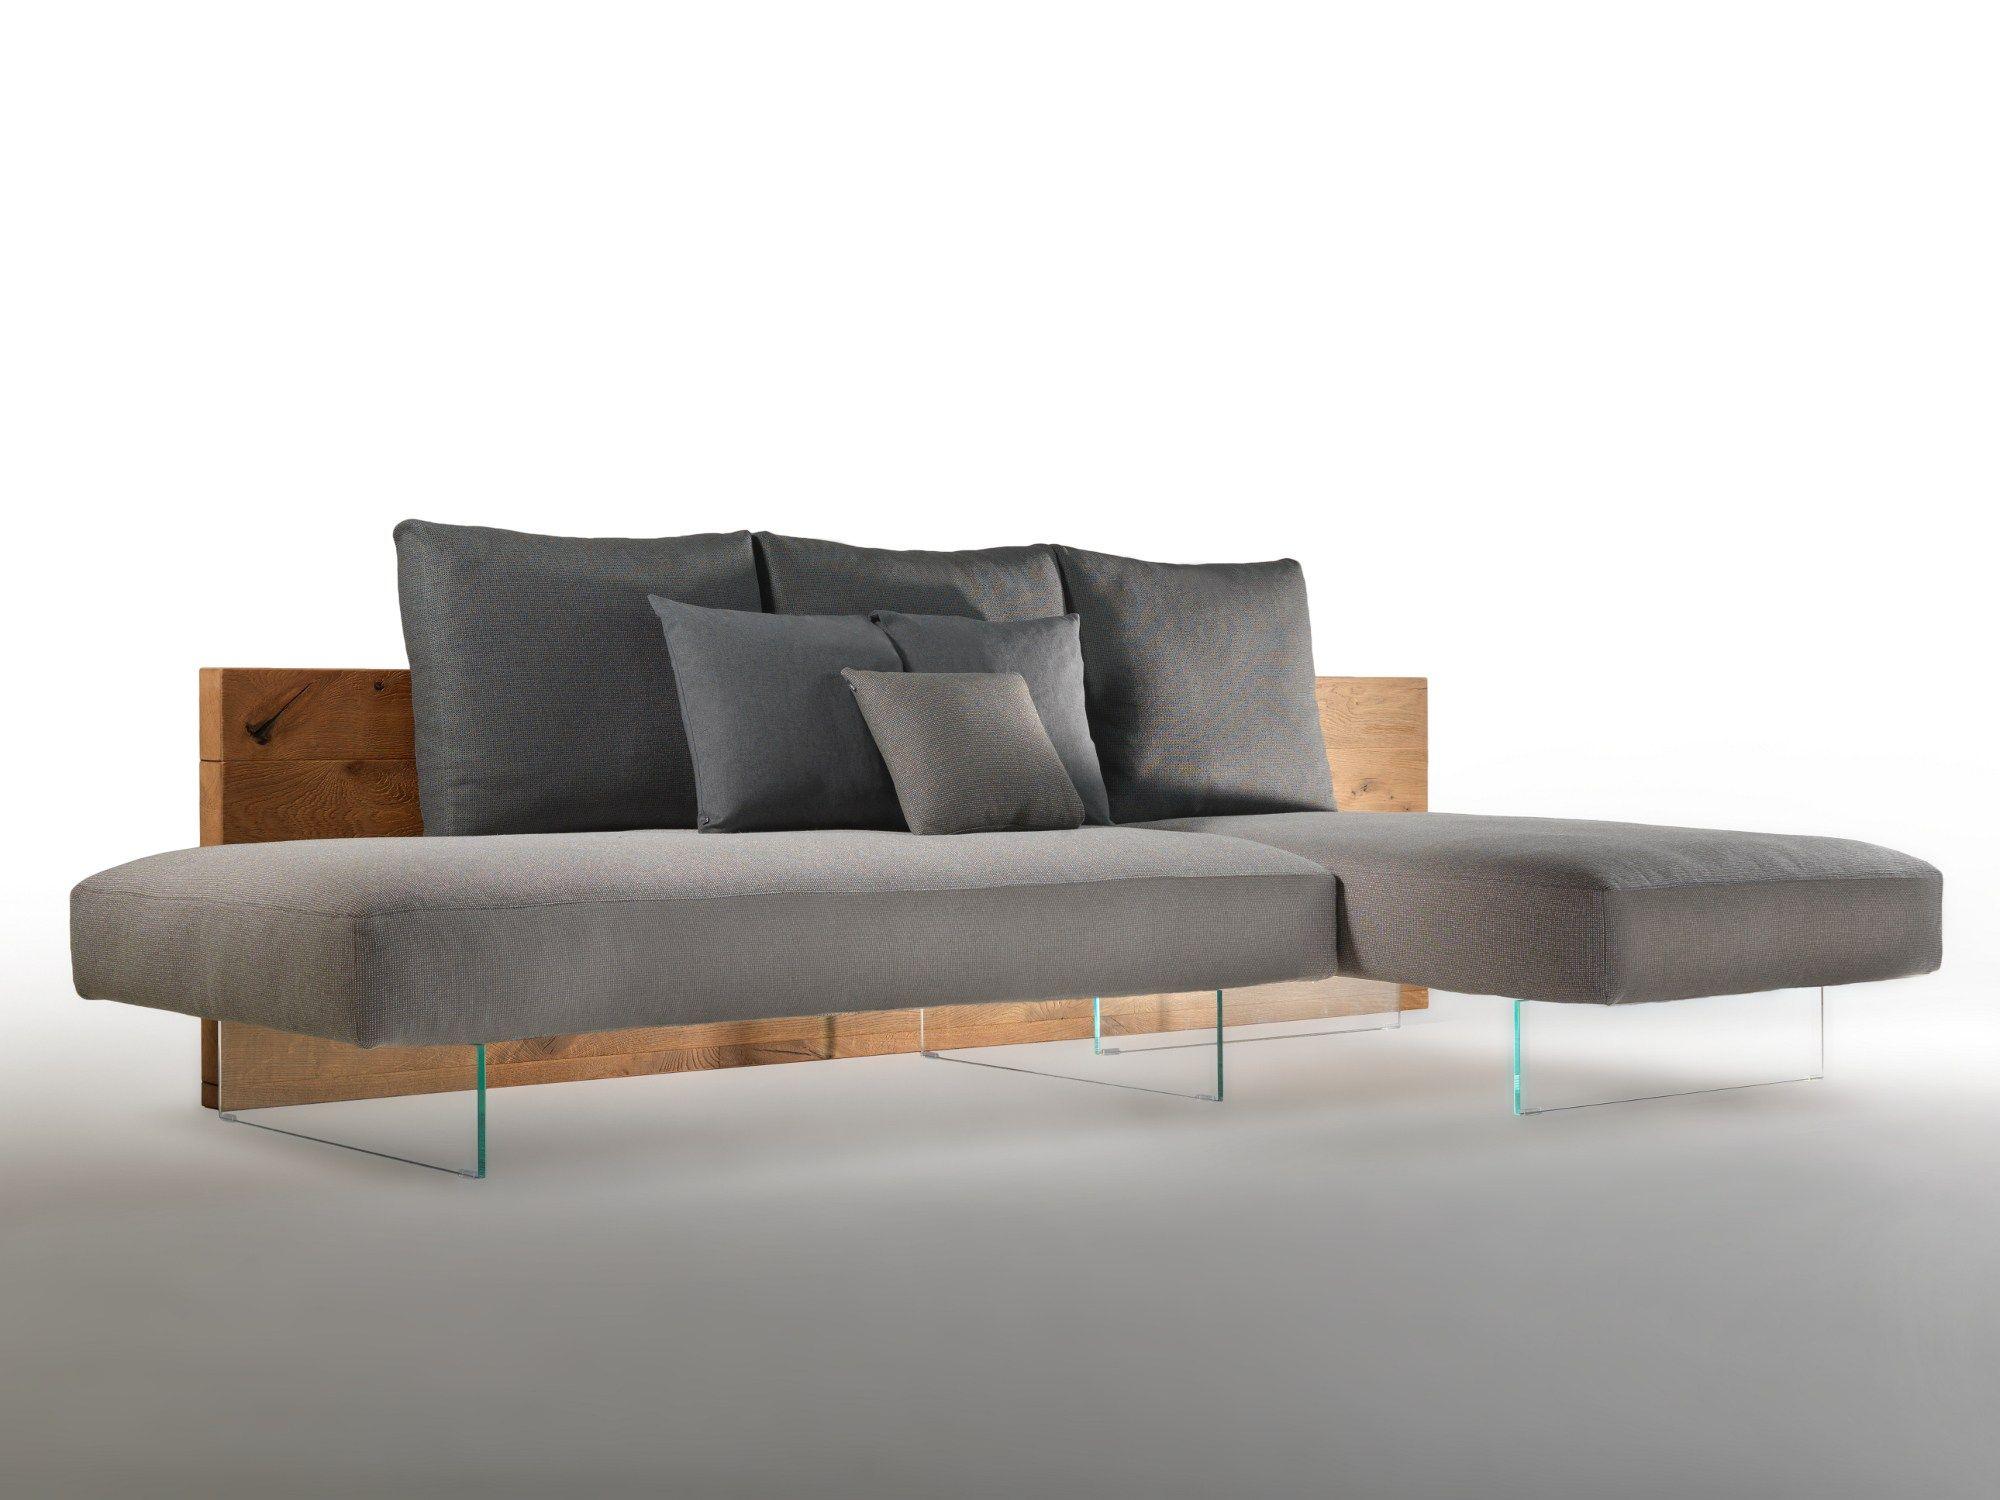 Scarica il catalogo e richiedi prezzi di Air wildwood sofa